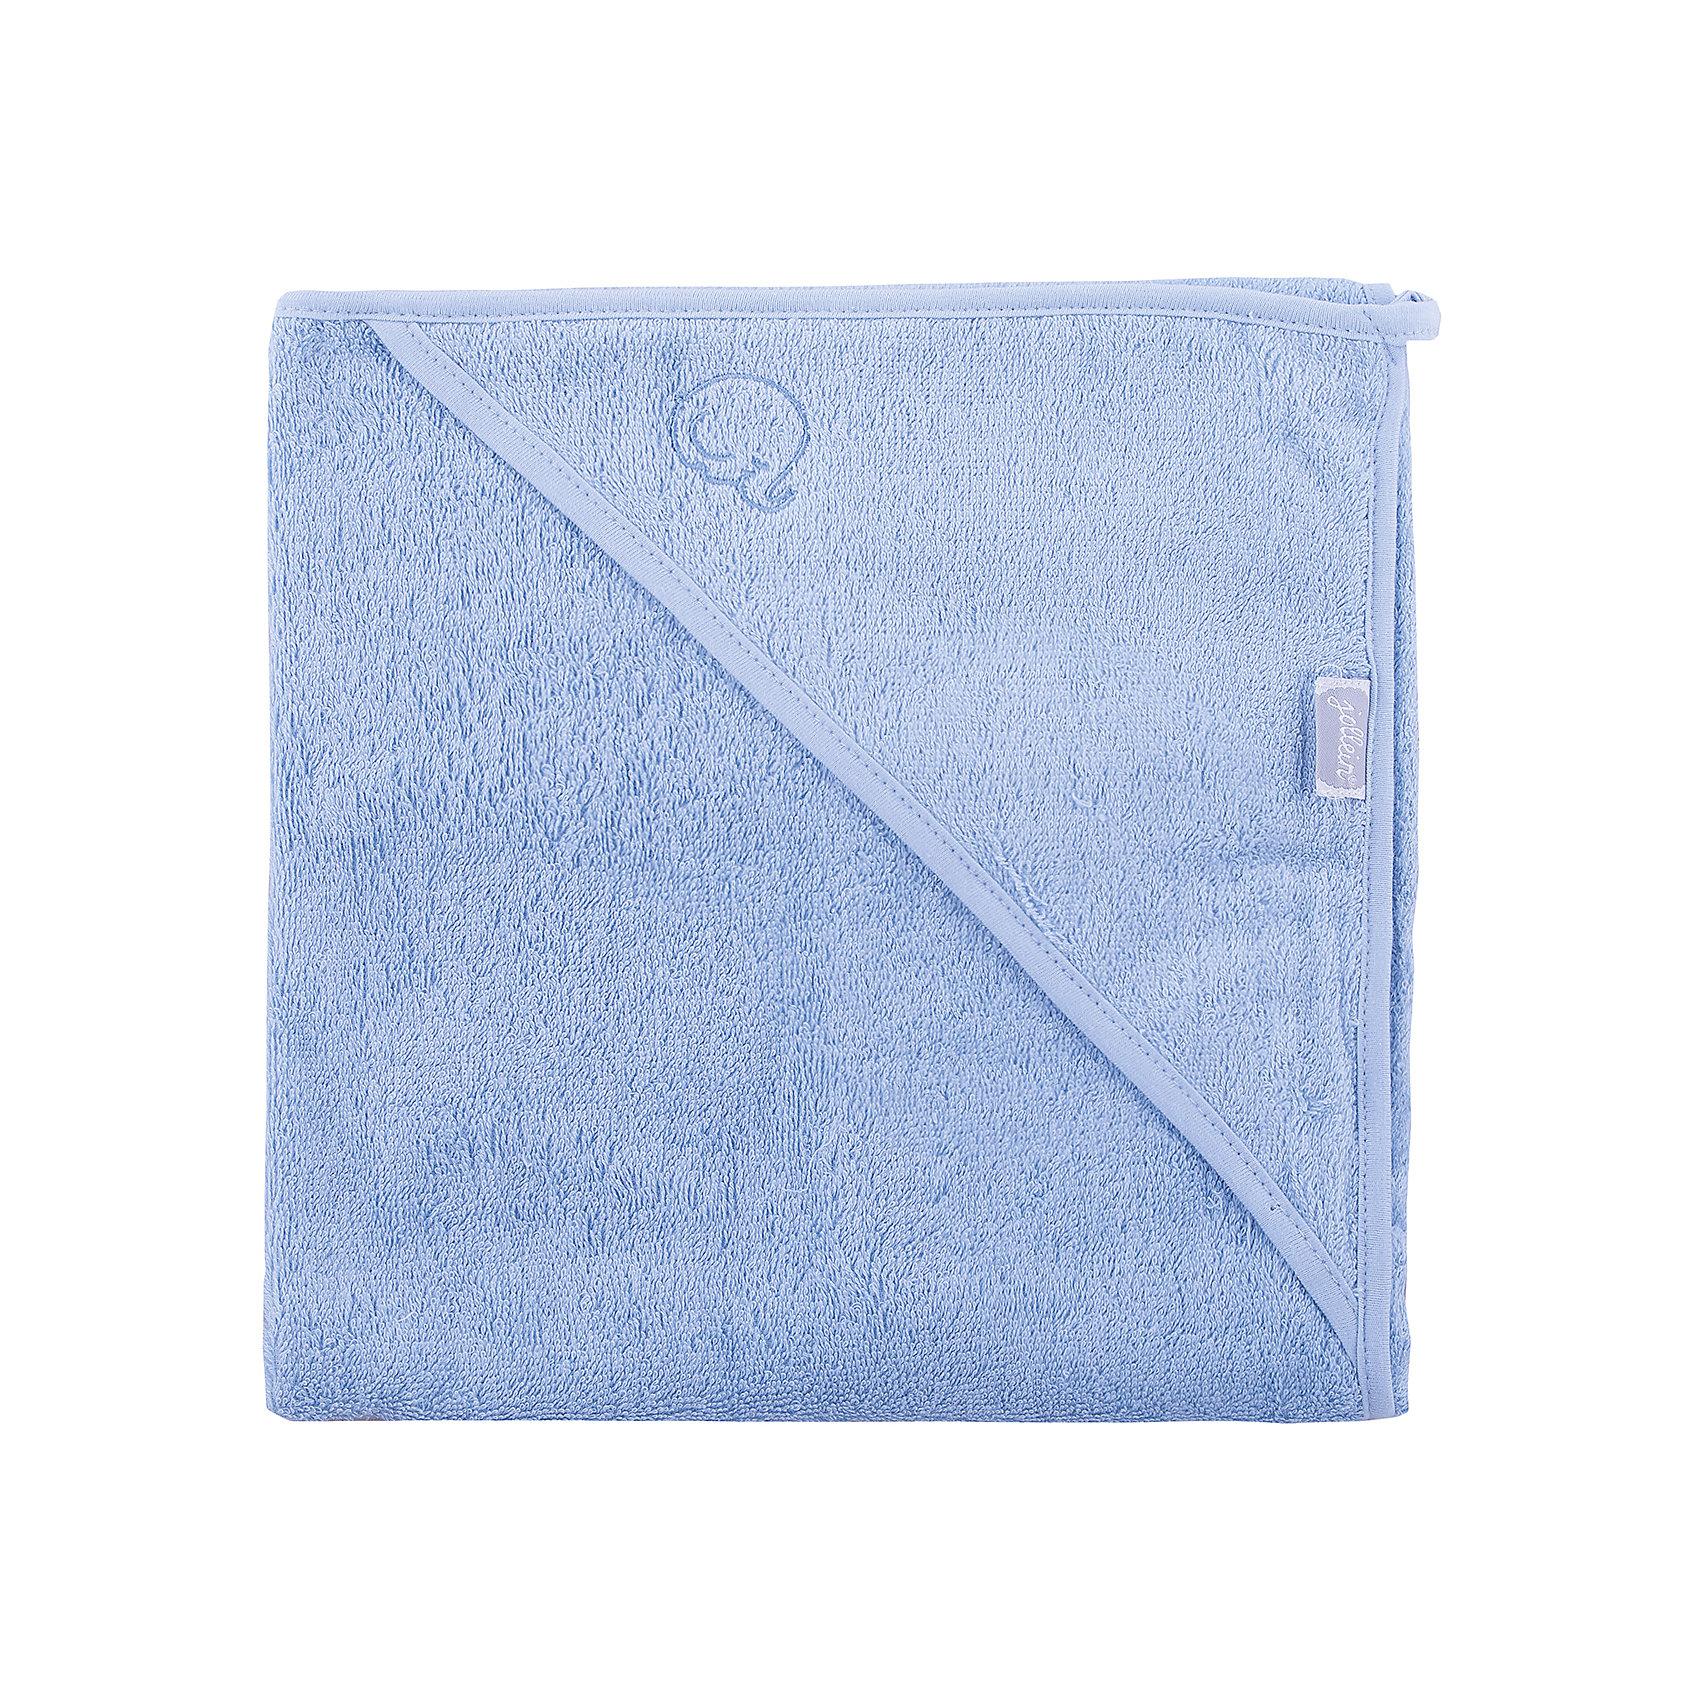 Полотенце с капюшоном 75 х 75 см, Jollein, Light blueВанная комната<br>Характеристики:<br><br>• Вид детского текстиля: полотенце с капюшоном<br>• Предназначение: для купания<br>• Пол: для мальчика<br>• Цвет: светло голубой<br>• Тематика рисунка: без рисунка<br>• Материал: 100% хлопок<br>• Наличие капюшона<br>• Размер: 75*75 см<br>• Вес: 250 г<br>• Особенности ухода: машинная или ручная стирка при температуре не более 40 градусов<br><br>Полотенце с капюшоном 75 х 75 см, Jollein, Light blue от торговой марки Жолляйн, которая является признанным лидером среди аналогичных брендов, выпускающих детское постельное белье и текстиль для новорожденных и детей. Продукция этого торгового бренда отличается высоким качеством и дизайнерским стилем. <br><br>Изделие предназначено для купания детей в возрасте от 6-ти месяцев. Полотенце выполнено из махрового полотна, состоящего из натурального хлопка, что обеспечивает быструю впитываемость, высыхание и сохранение формы и цвета при частных стирках. У изделия предусмотрен капюшон. На капюшоне имеется петелька, щза которую полотенце удобно подвешивать. <br><br>Все края изделия обработаны эластичным кантом, что защищает от натирания нежной детской кожи. Полотенце с капюшоном 75 х 75 см, Jollein, Light blue обеспечит малышу комфортный отдых после купания!<br><br>Полотенце с капюшоном 75 х 75 см, Jollein, Light blue можно купить в нашем интернет-магазине.<br><br>Ширина мм: 300<br>Глубина мм: 300<br>Высота мм: 20<br>Вес г: 250<br>Возраст от месяцев: 0<br>Возраст до месяцев: 36<br>Пол: Мужской<br>Возраст: Детский<br>SKU: 5367196